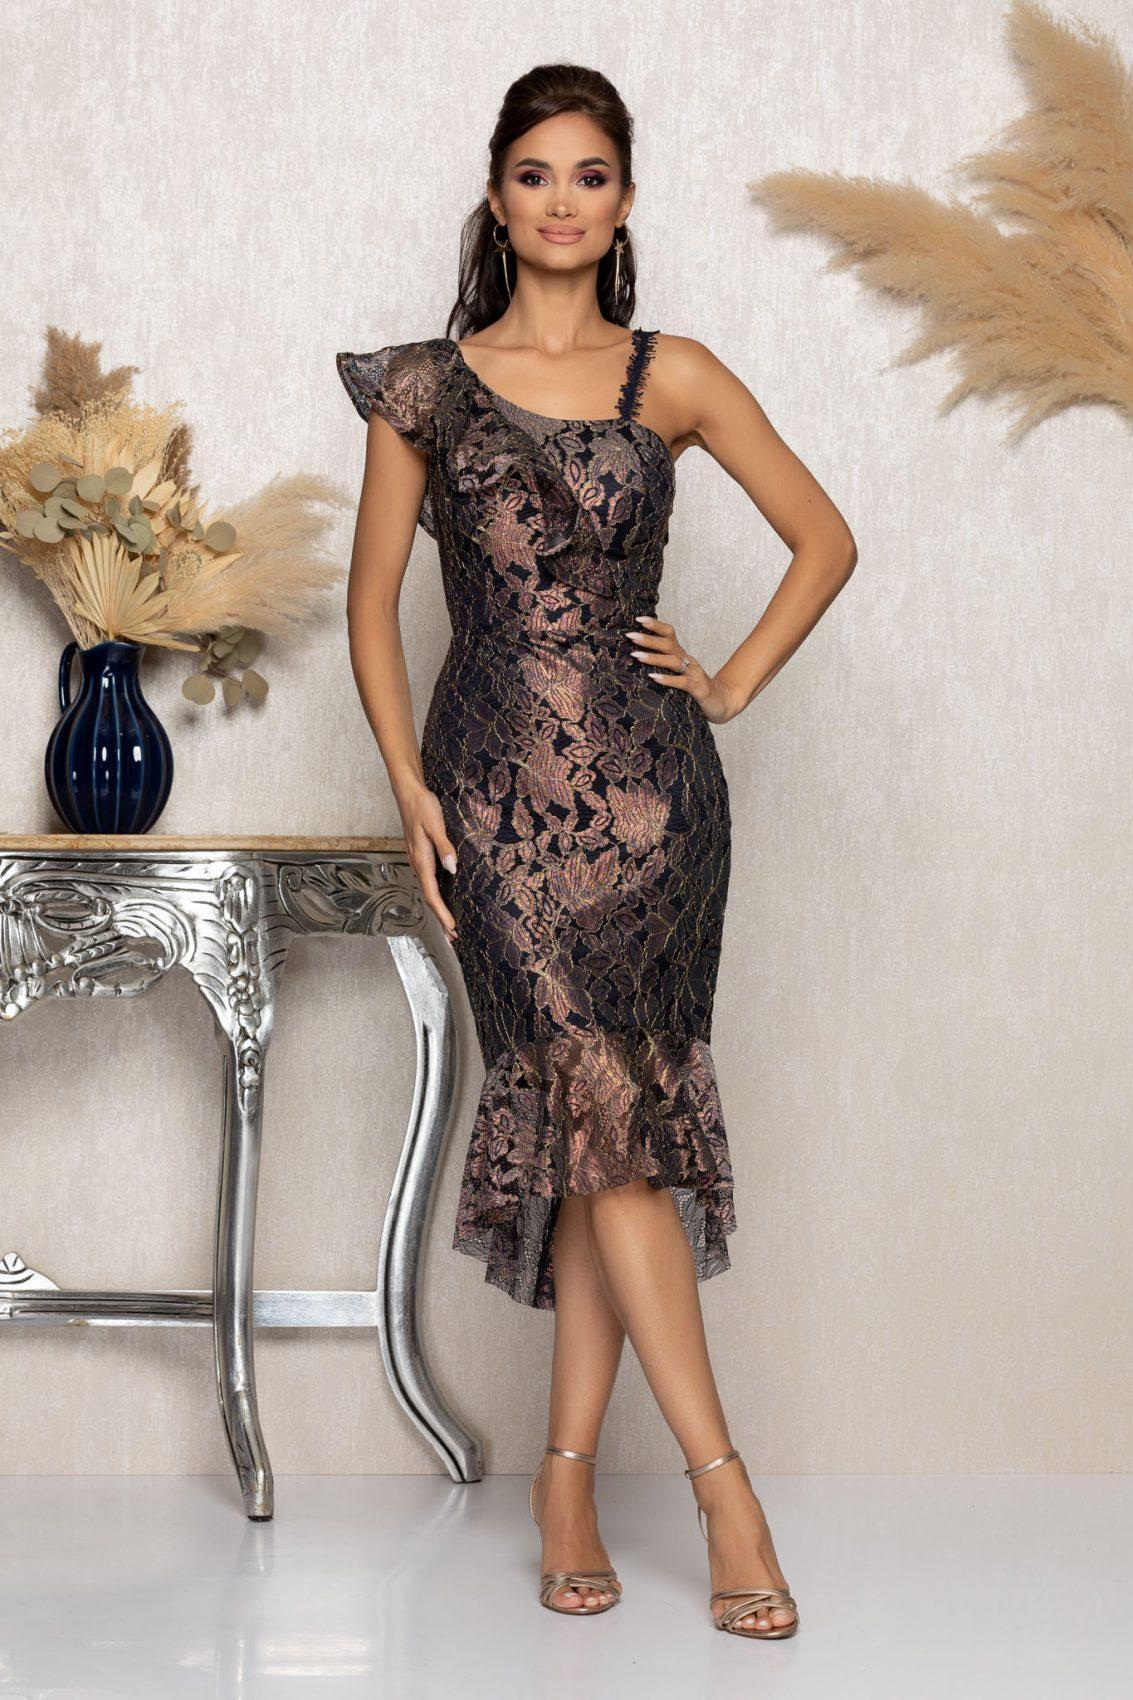 Μίντι Βραδινό Φόρεμα Από Δαντέλα Kendall A1151 1